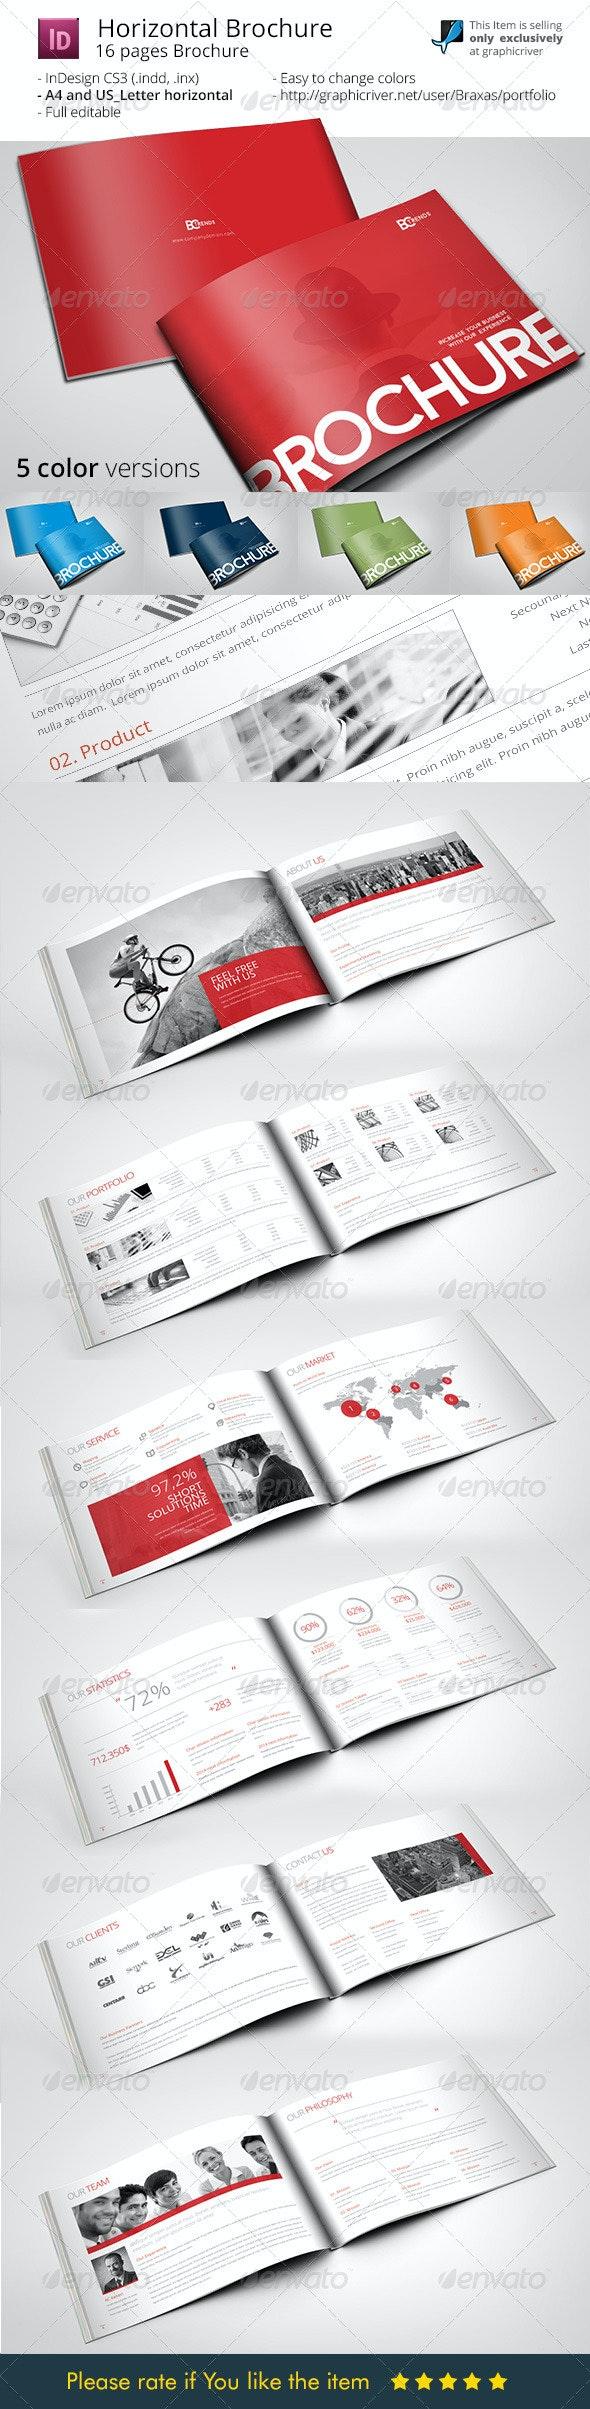 Business Brochure Horizontal - Corporate Brochures